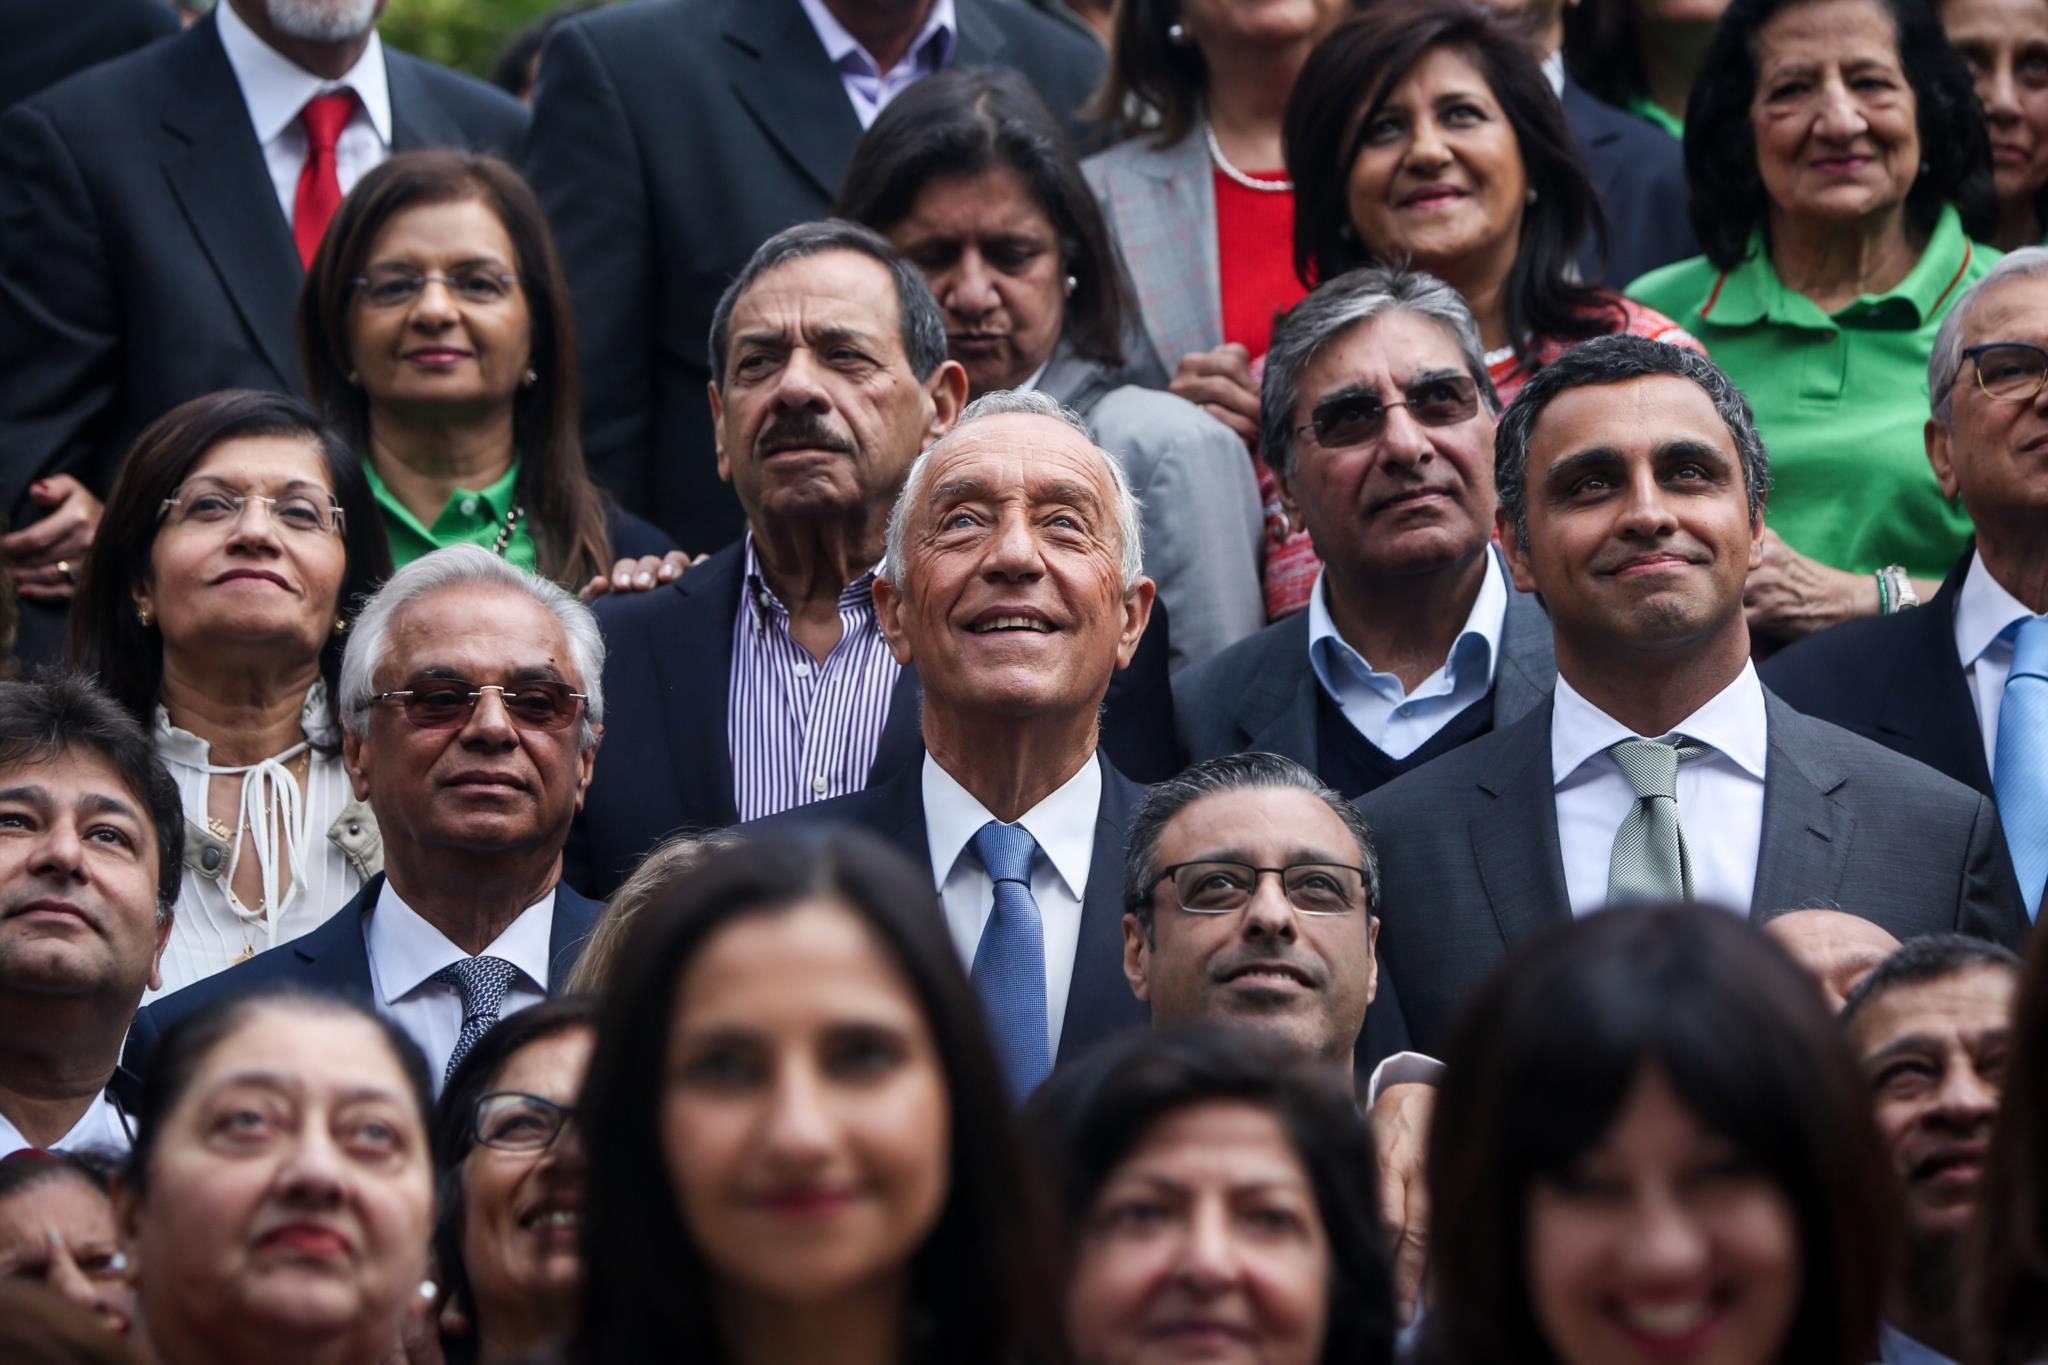 PÚBLICO - Marcelo vê consenso sobre dívida e diz que já não se discute reestruturação